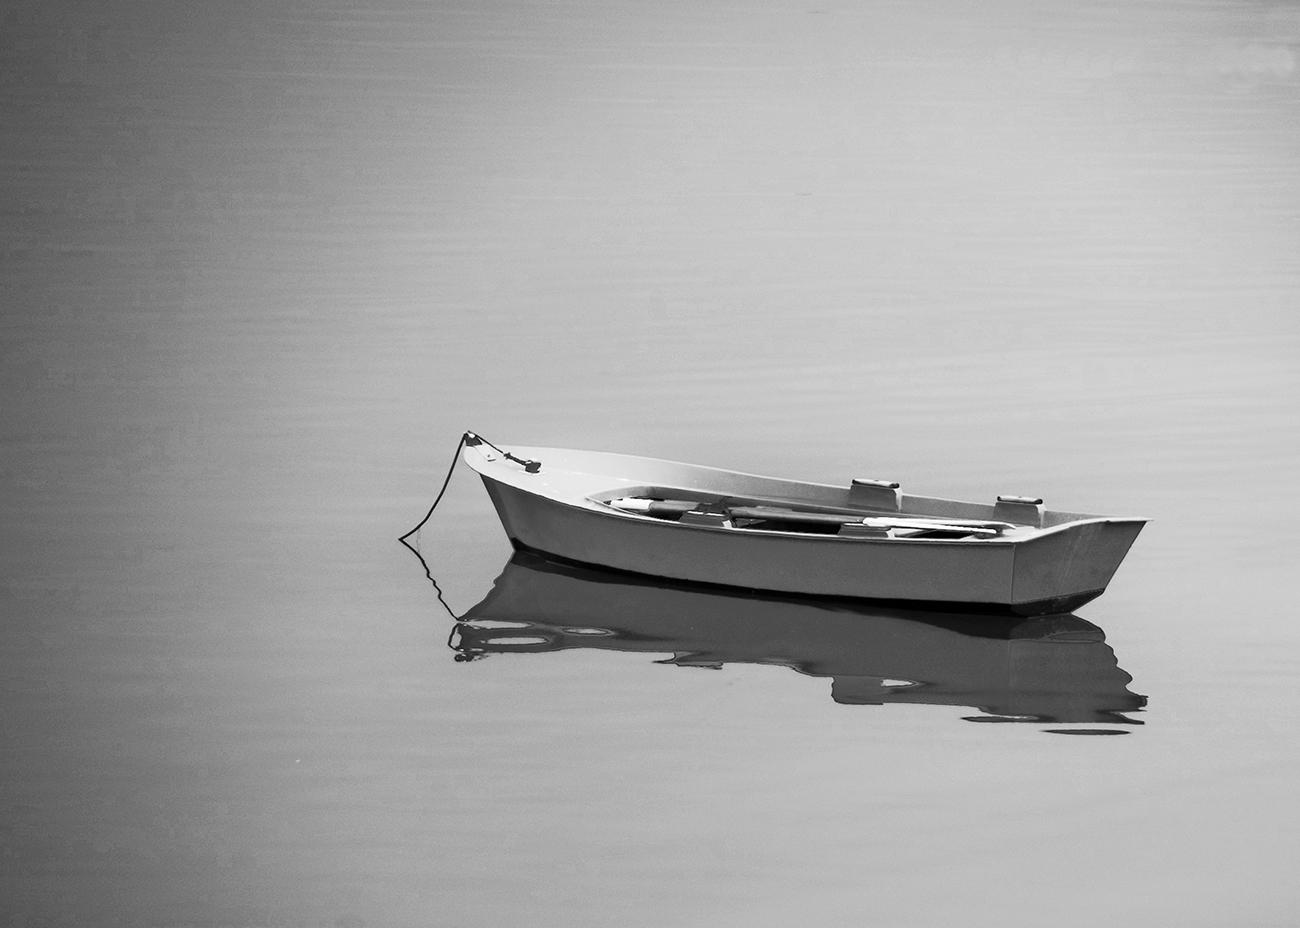 Bote en mar calma | 2009 | Ares - A Coruña, España - Boat on calm sea | 2009 | Ares - A Coruña, Spain - Miguel Naya | Photography